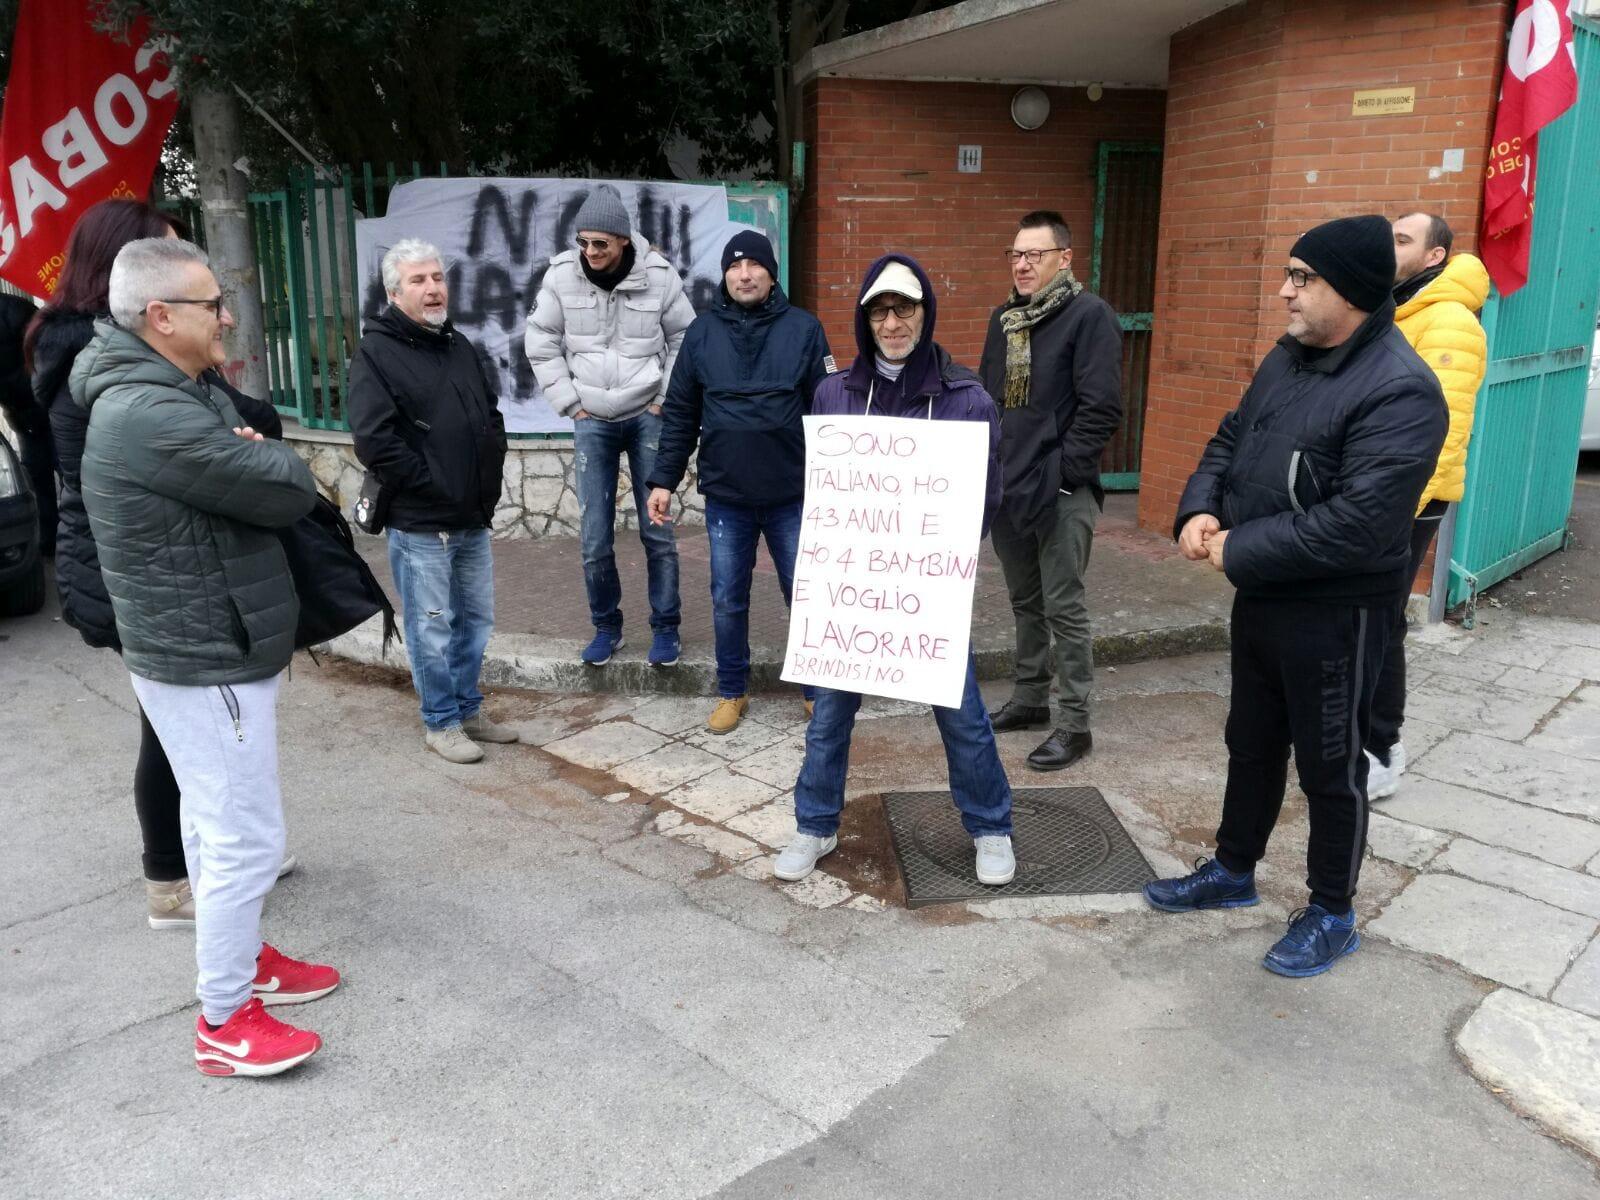 Protesta Sanitaservice davanti sede Asl-2